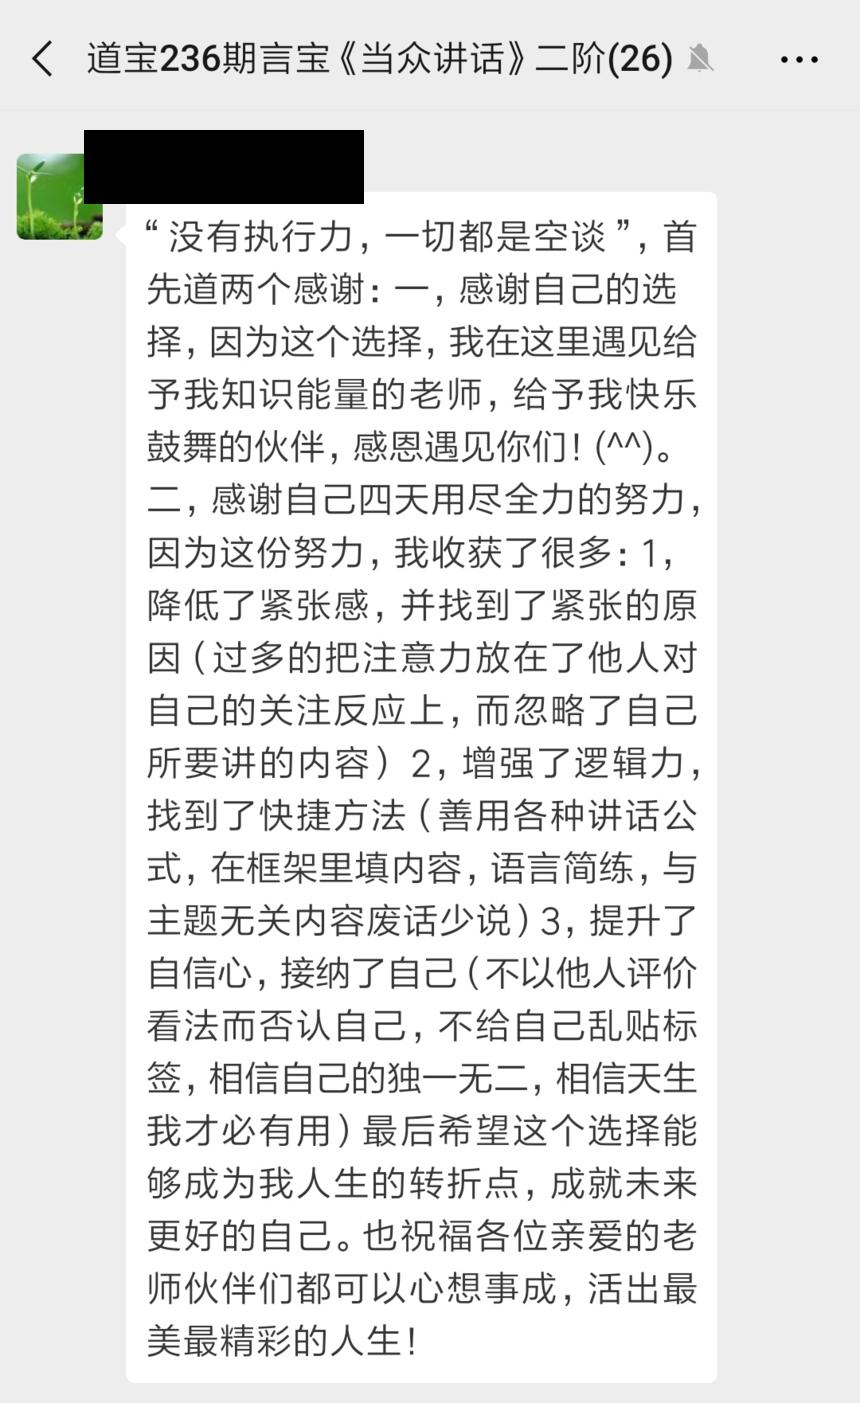 Screenshot_2019-05-22-14-41-00-287_com.tencent.mm.png